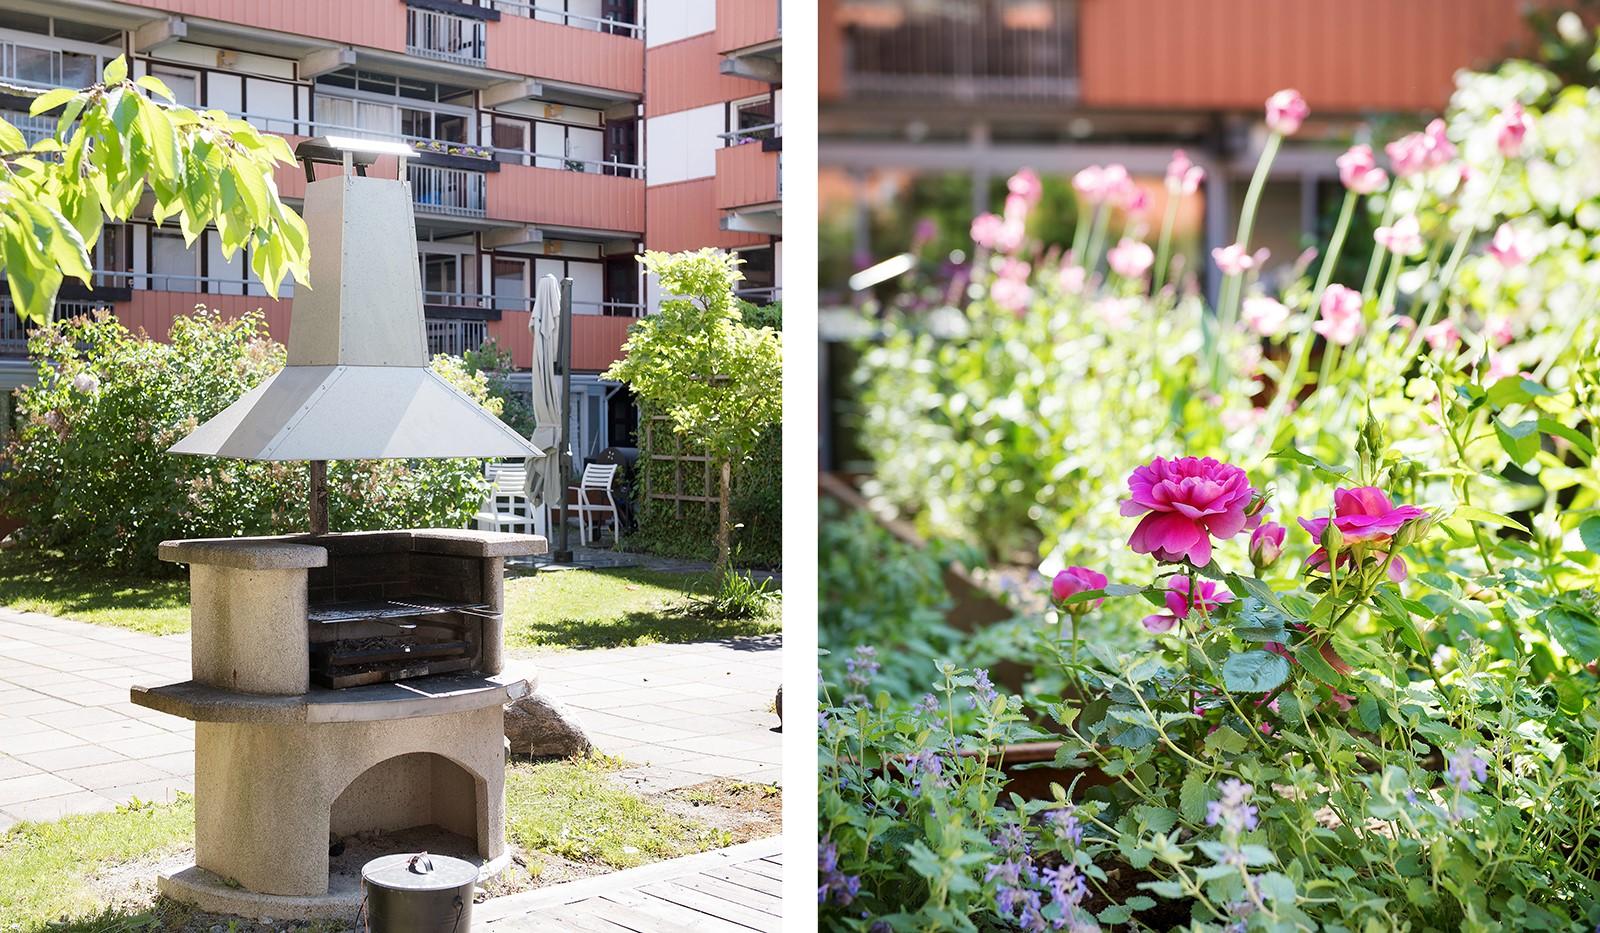 Kocksgatan 9, 5/5tr - Innergården bjuder både på grönska och blommor om sommaren.